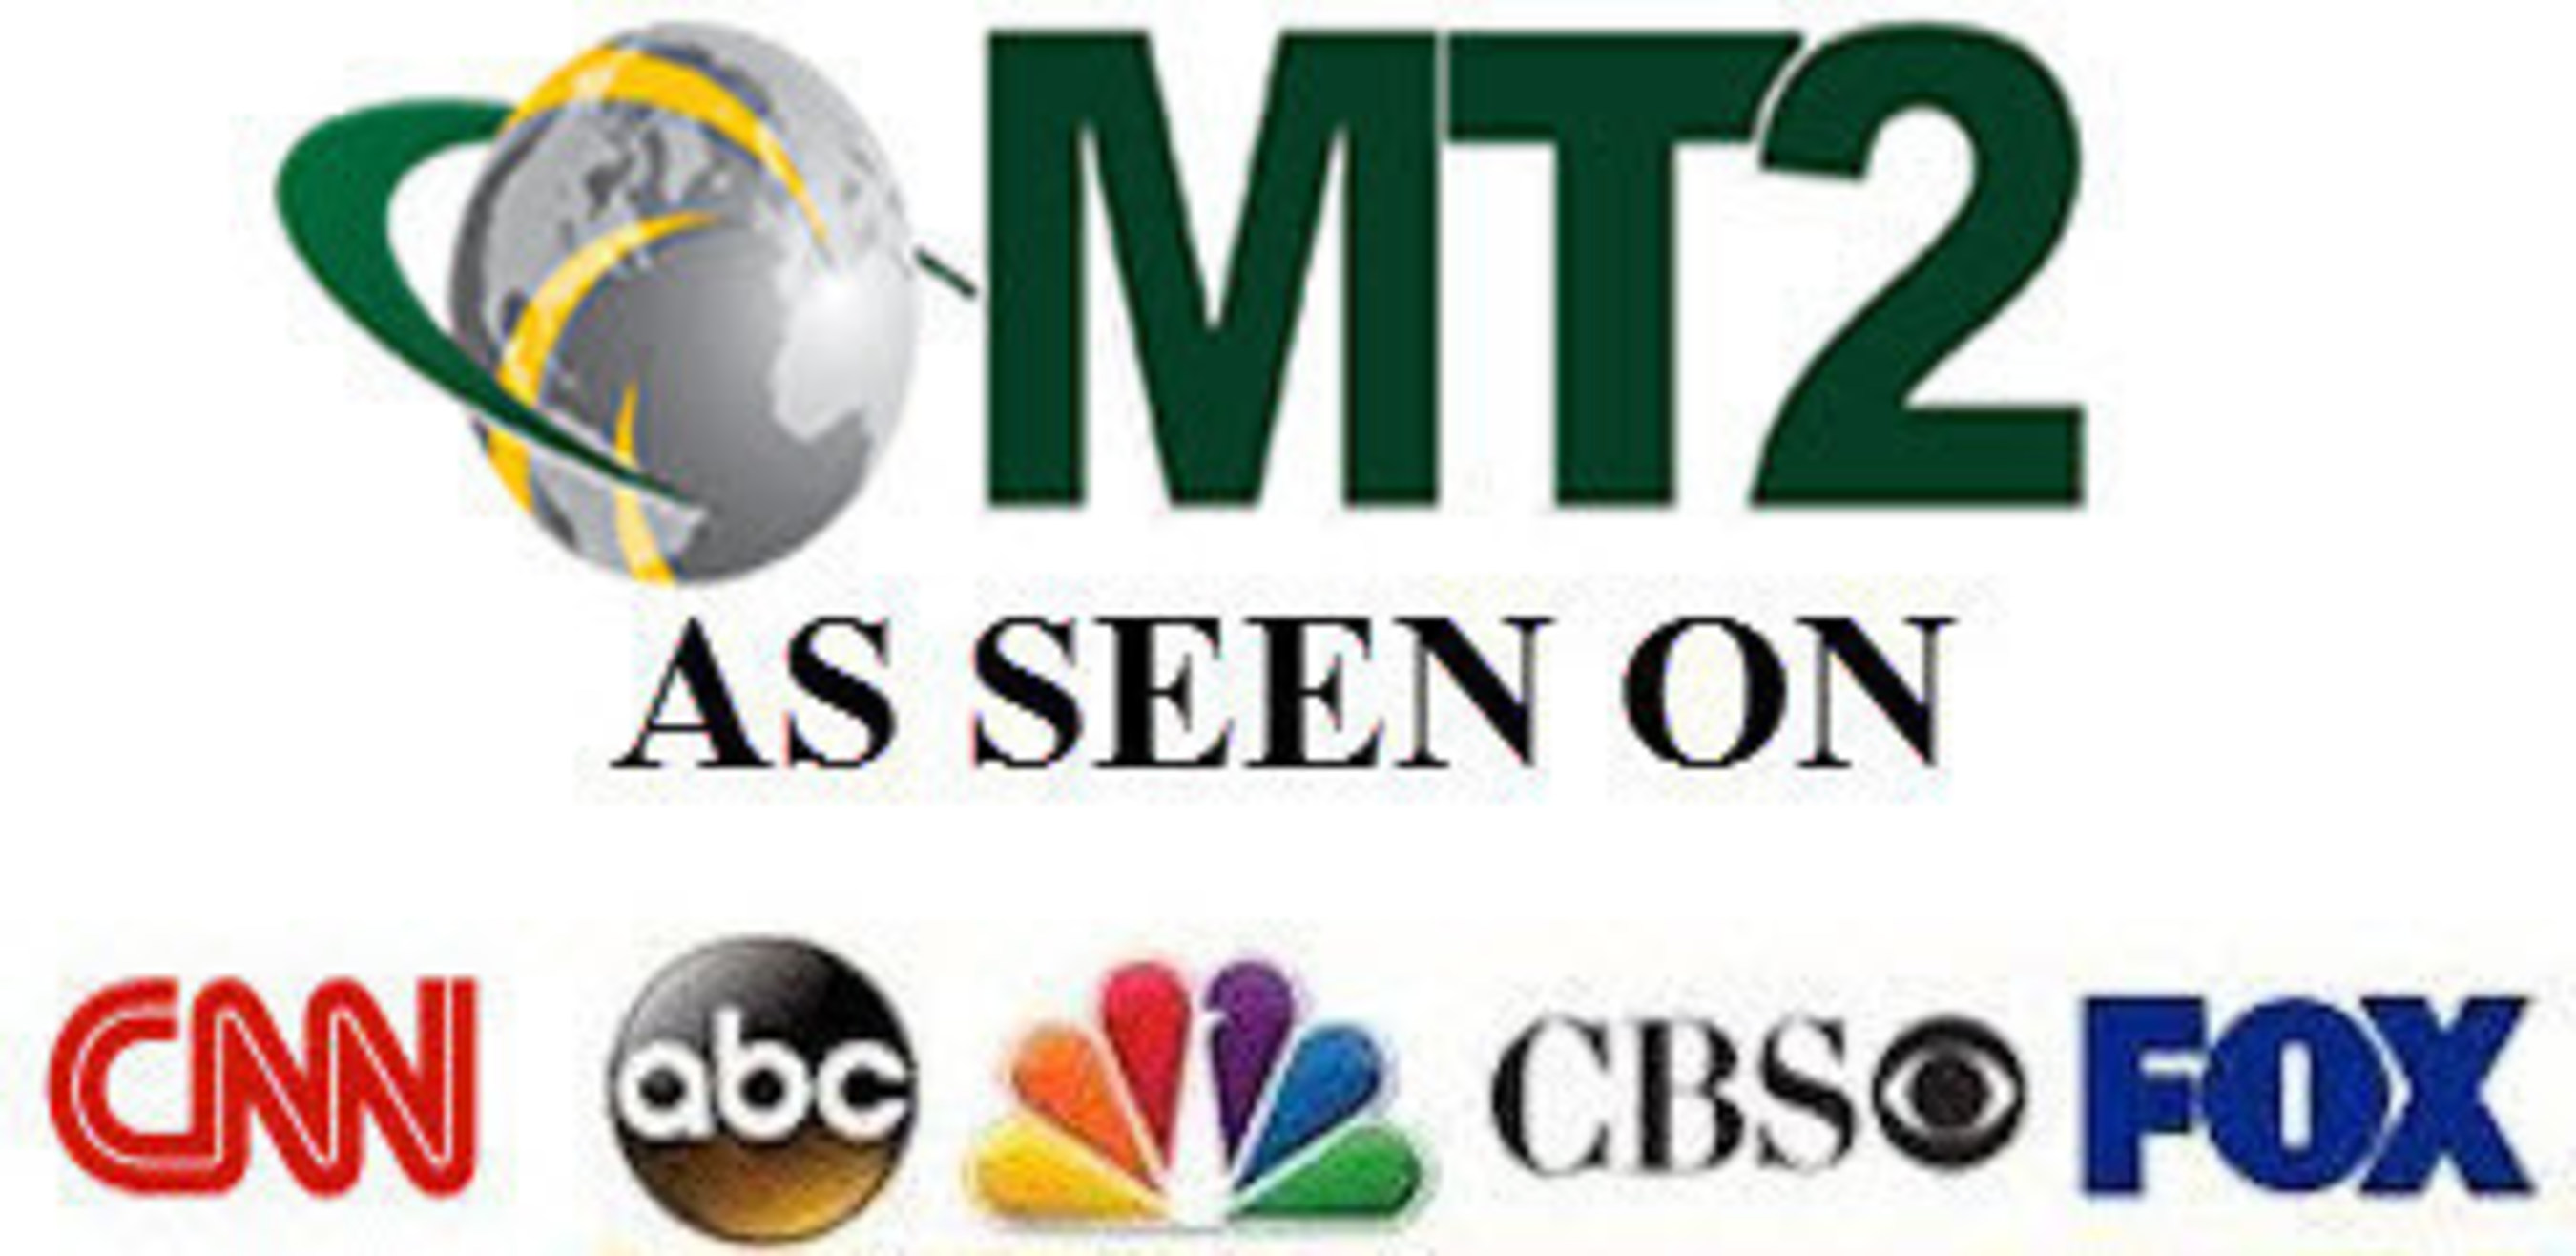 James Barthel President of MT2 Calls for Firing Range Lead Hazardous